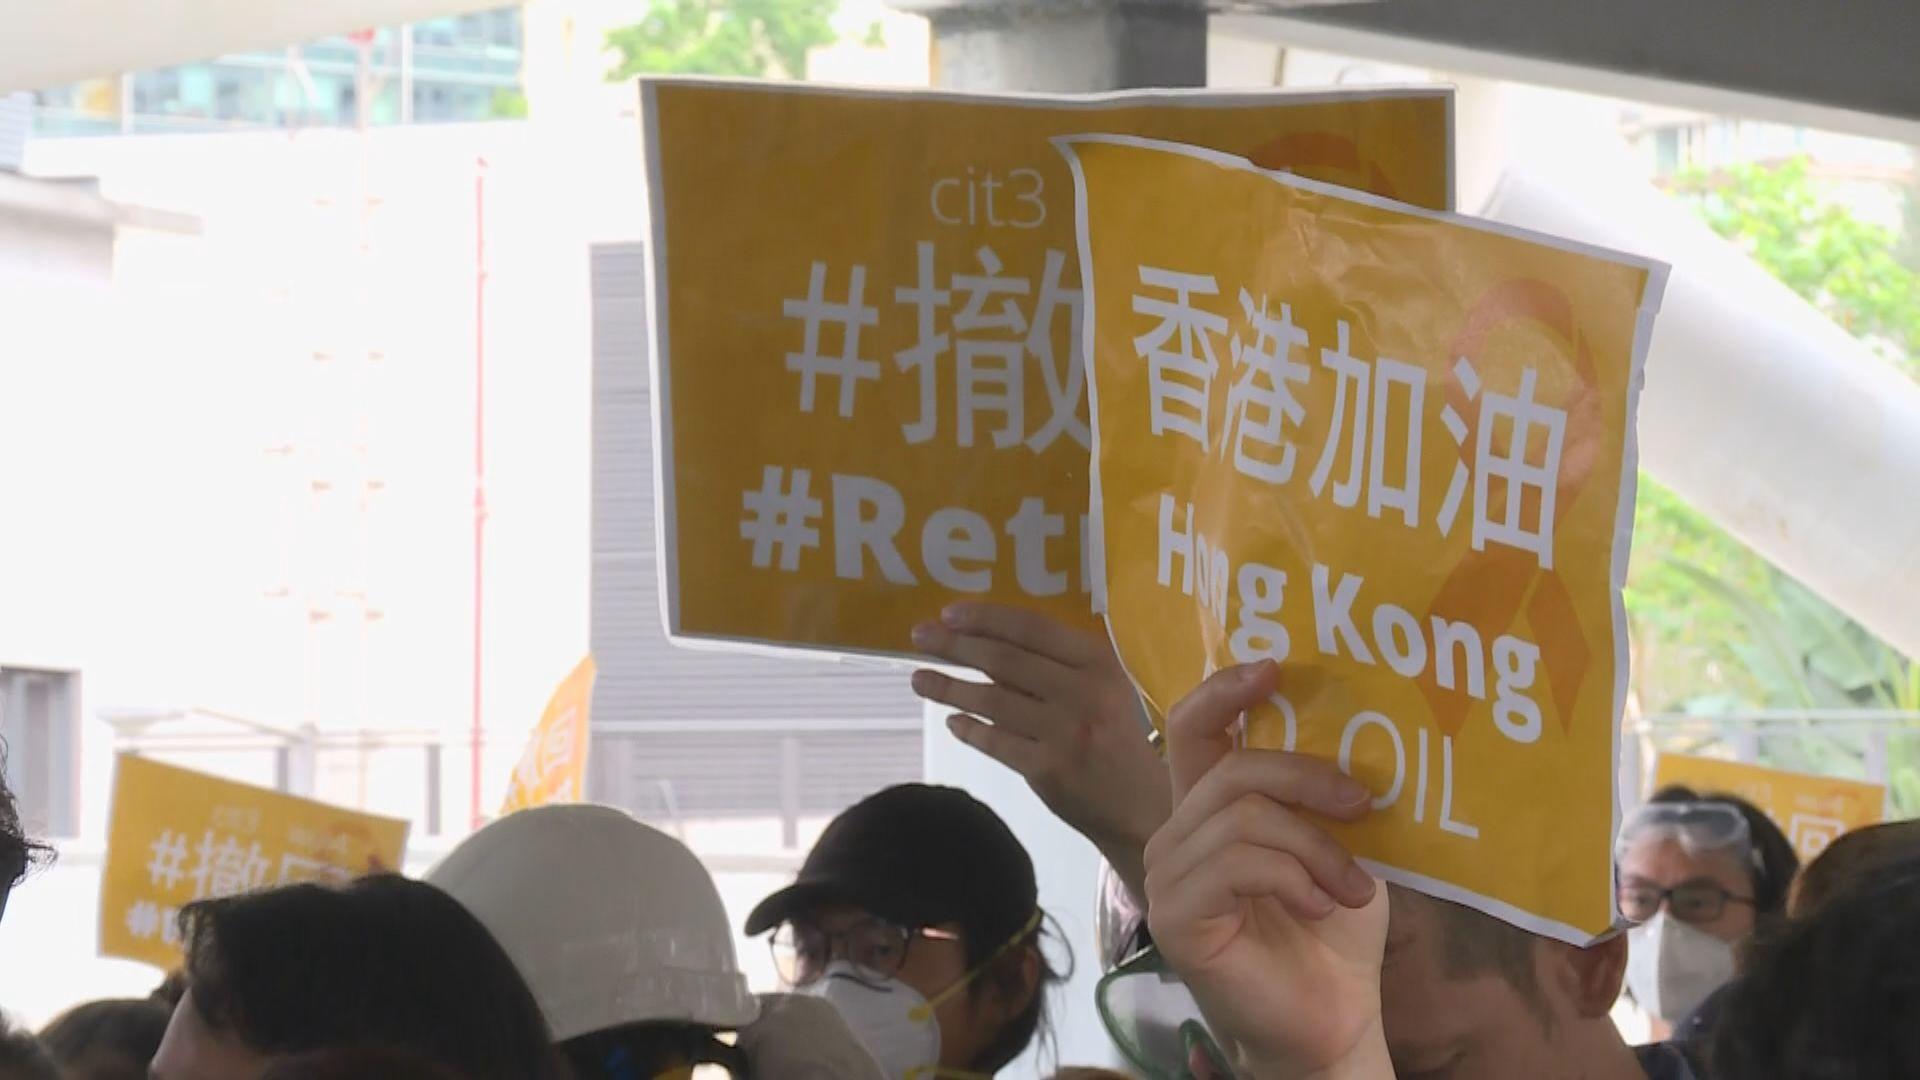 立法會外天橋市民示威要求撤回修例